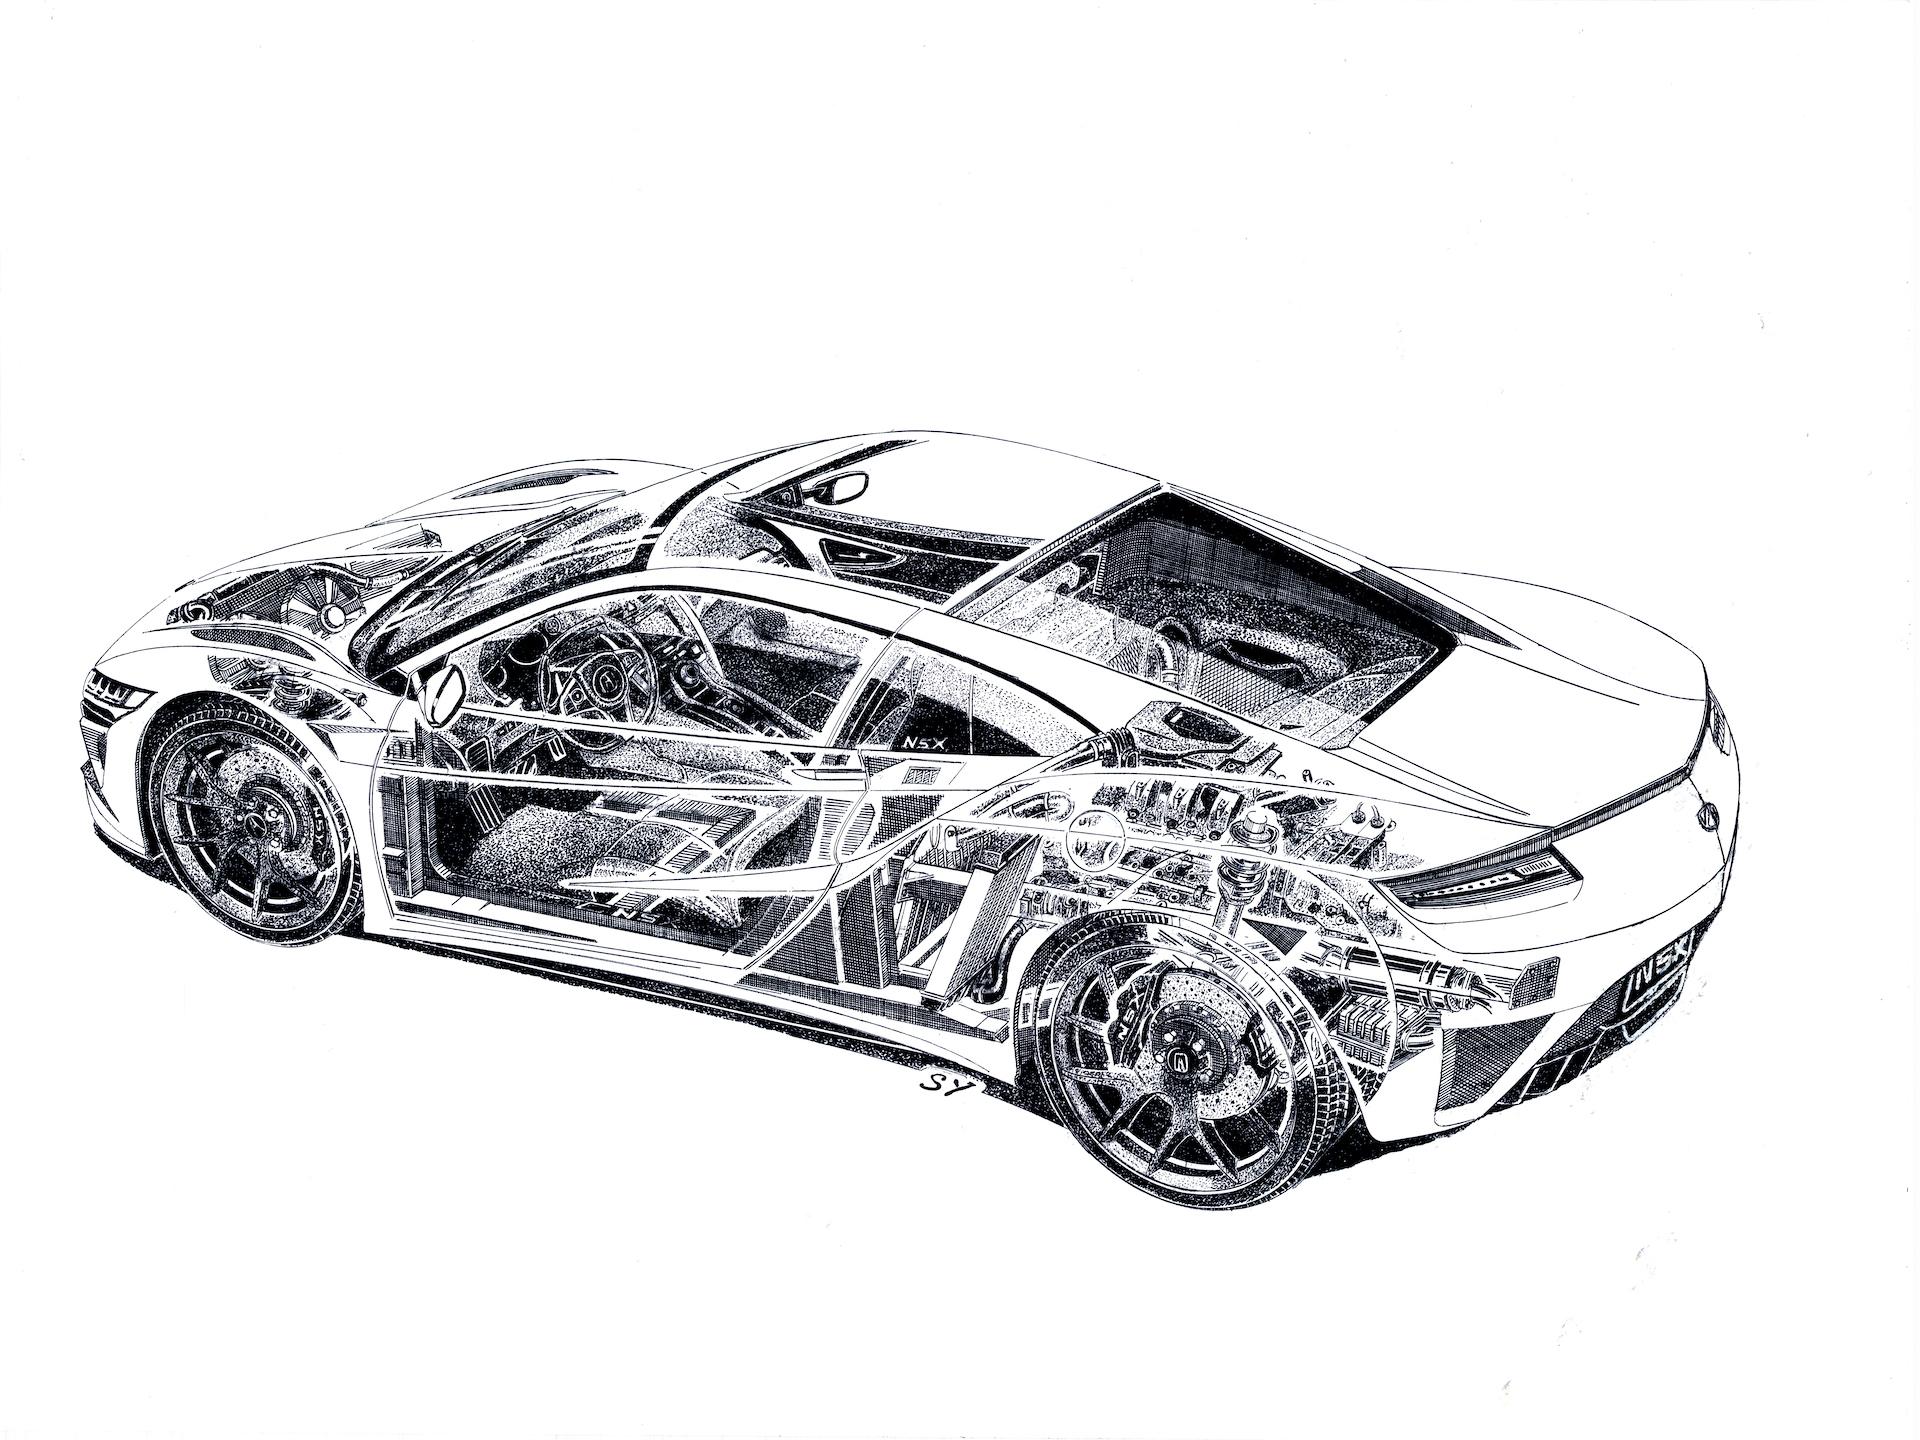 Cutaway Sketch Of Acura Nsx Shows Inner Workings